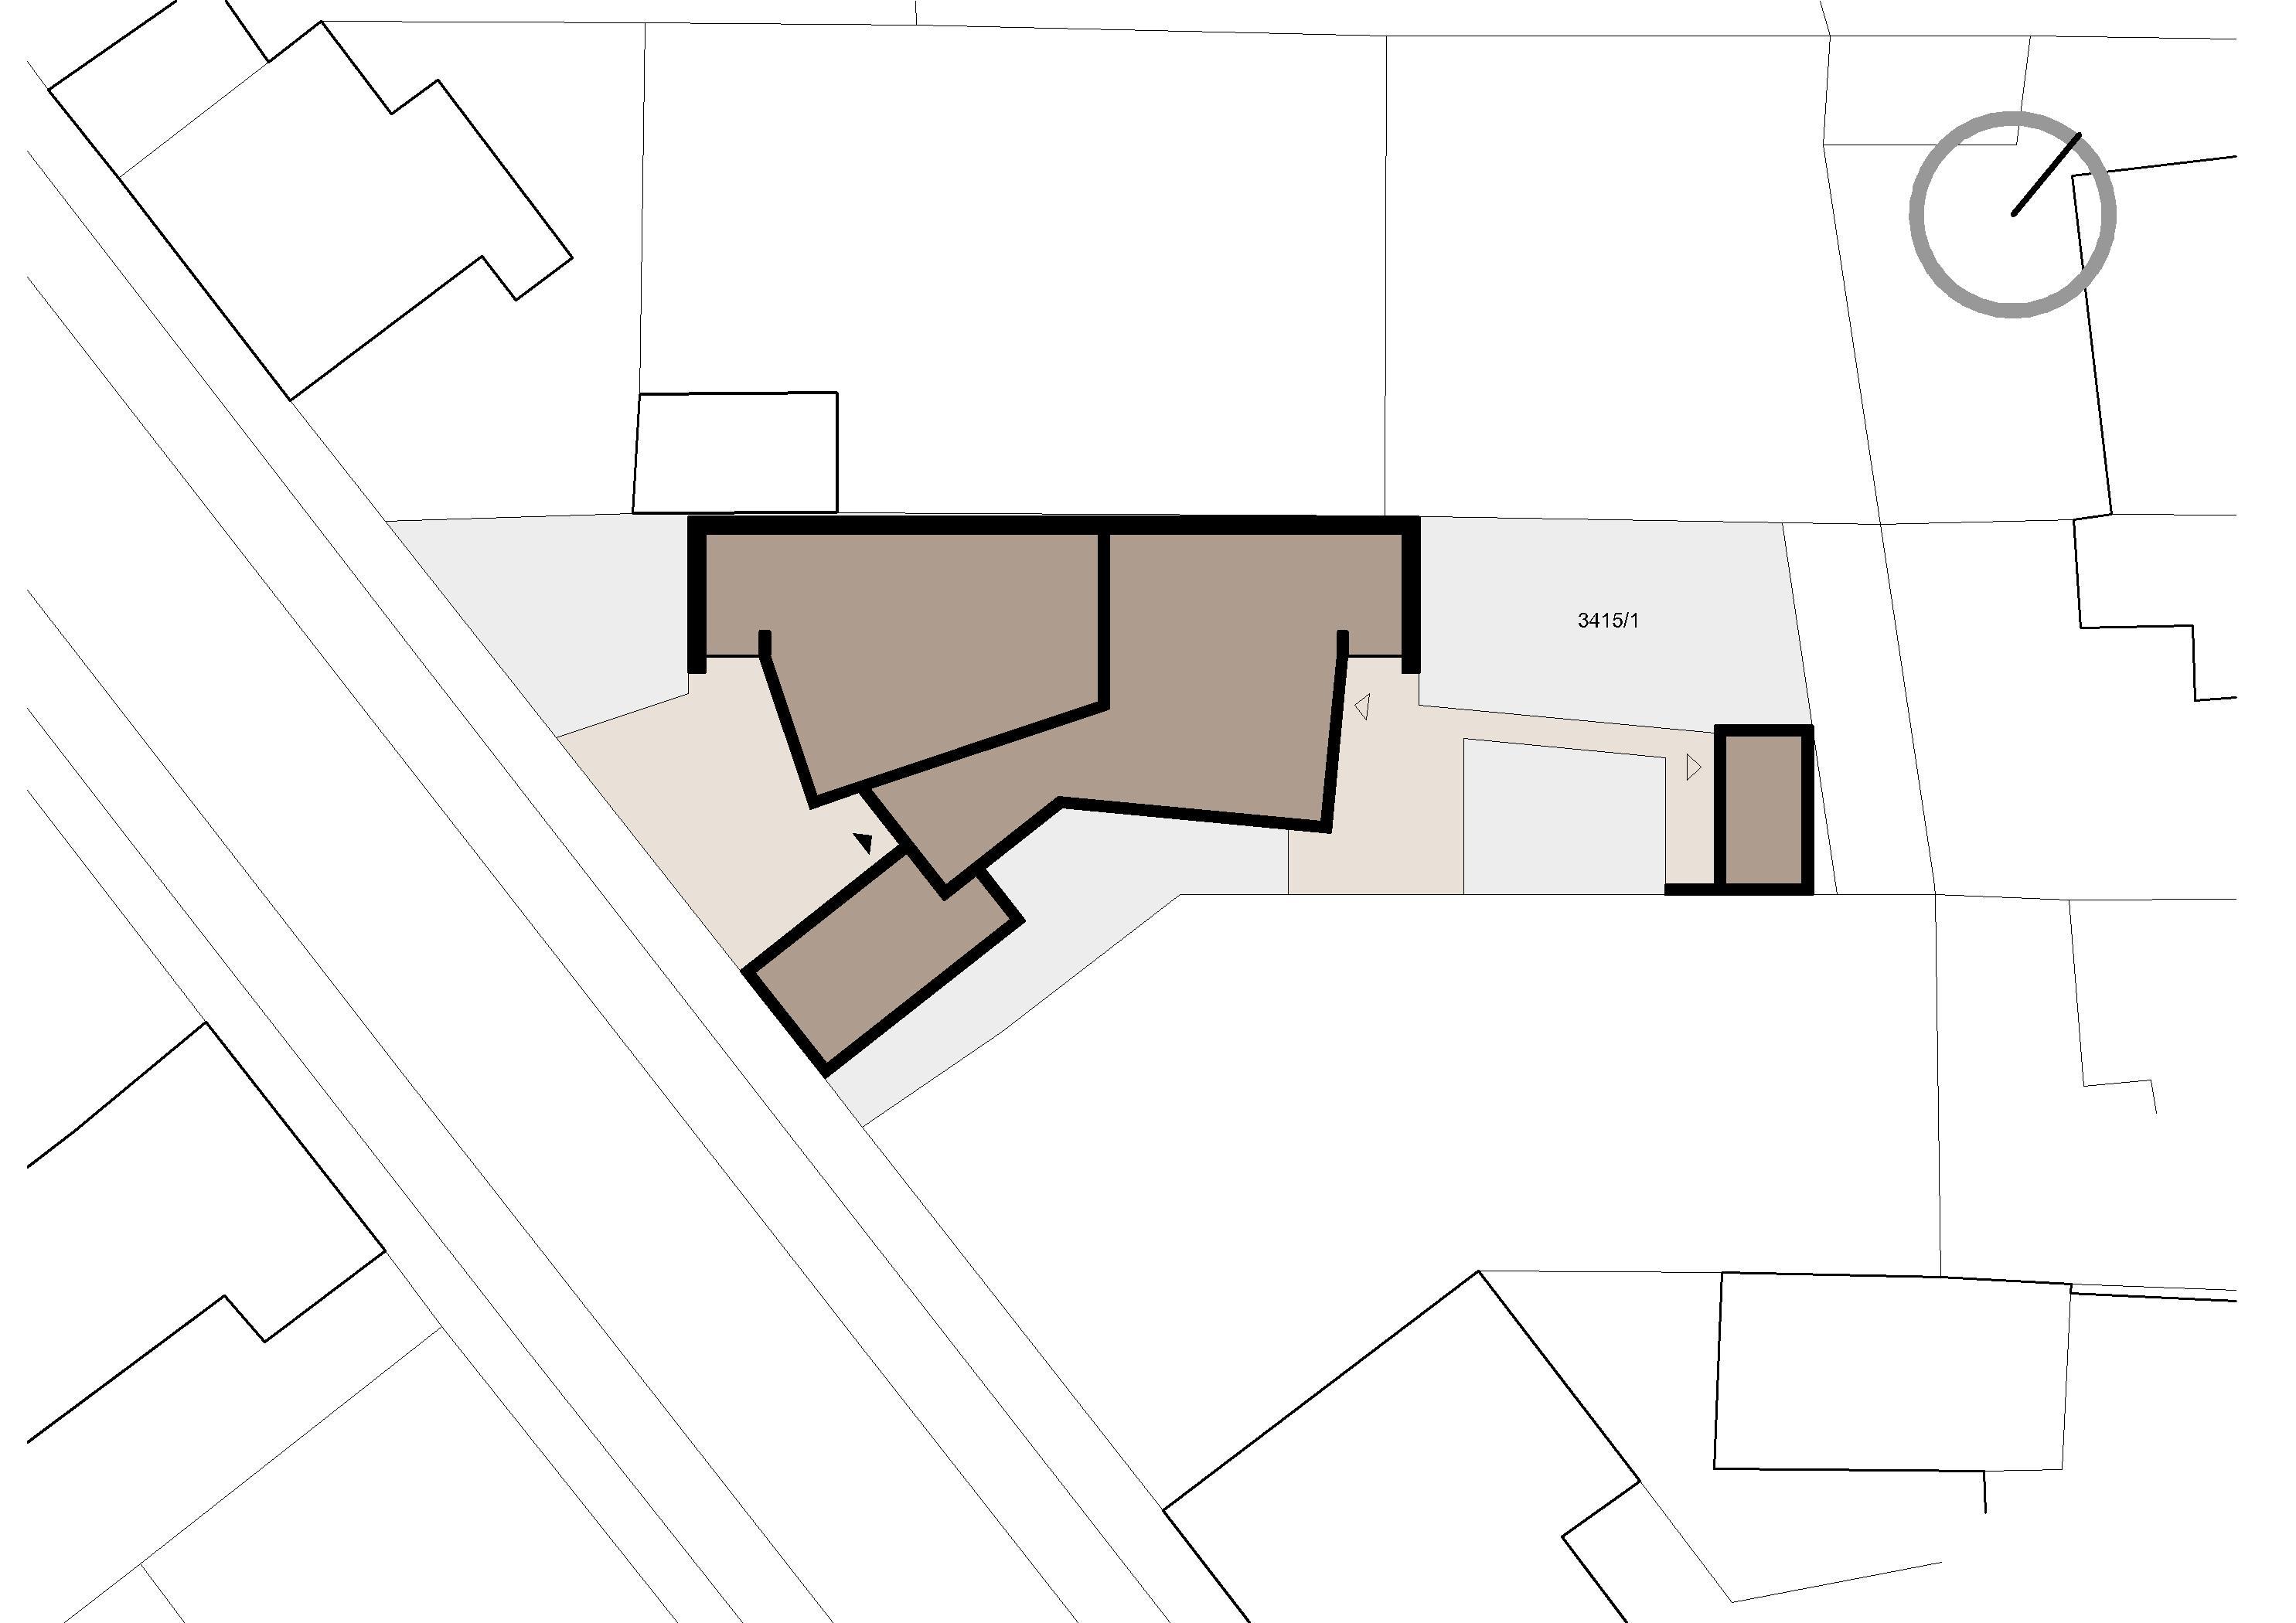 Štúdia stavby rodinného domu VI 09